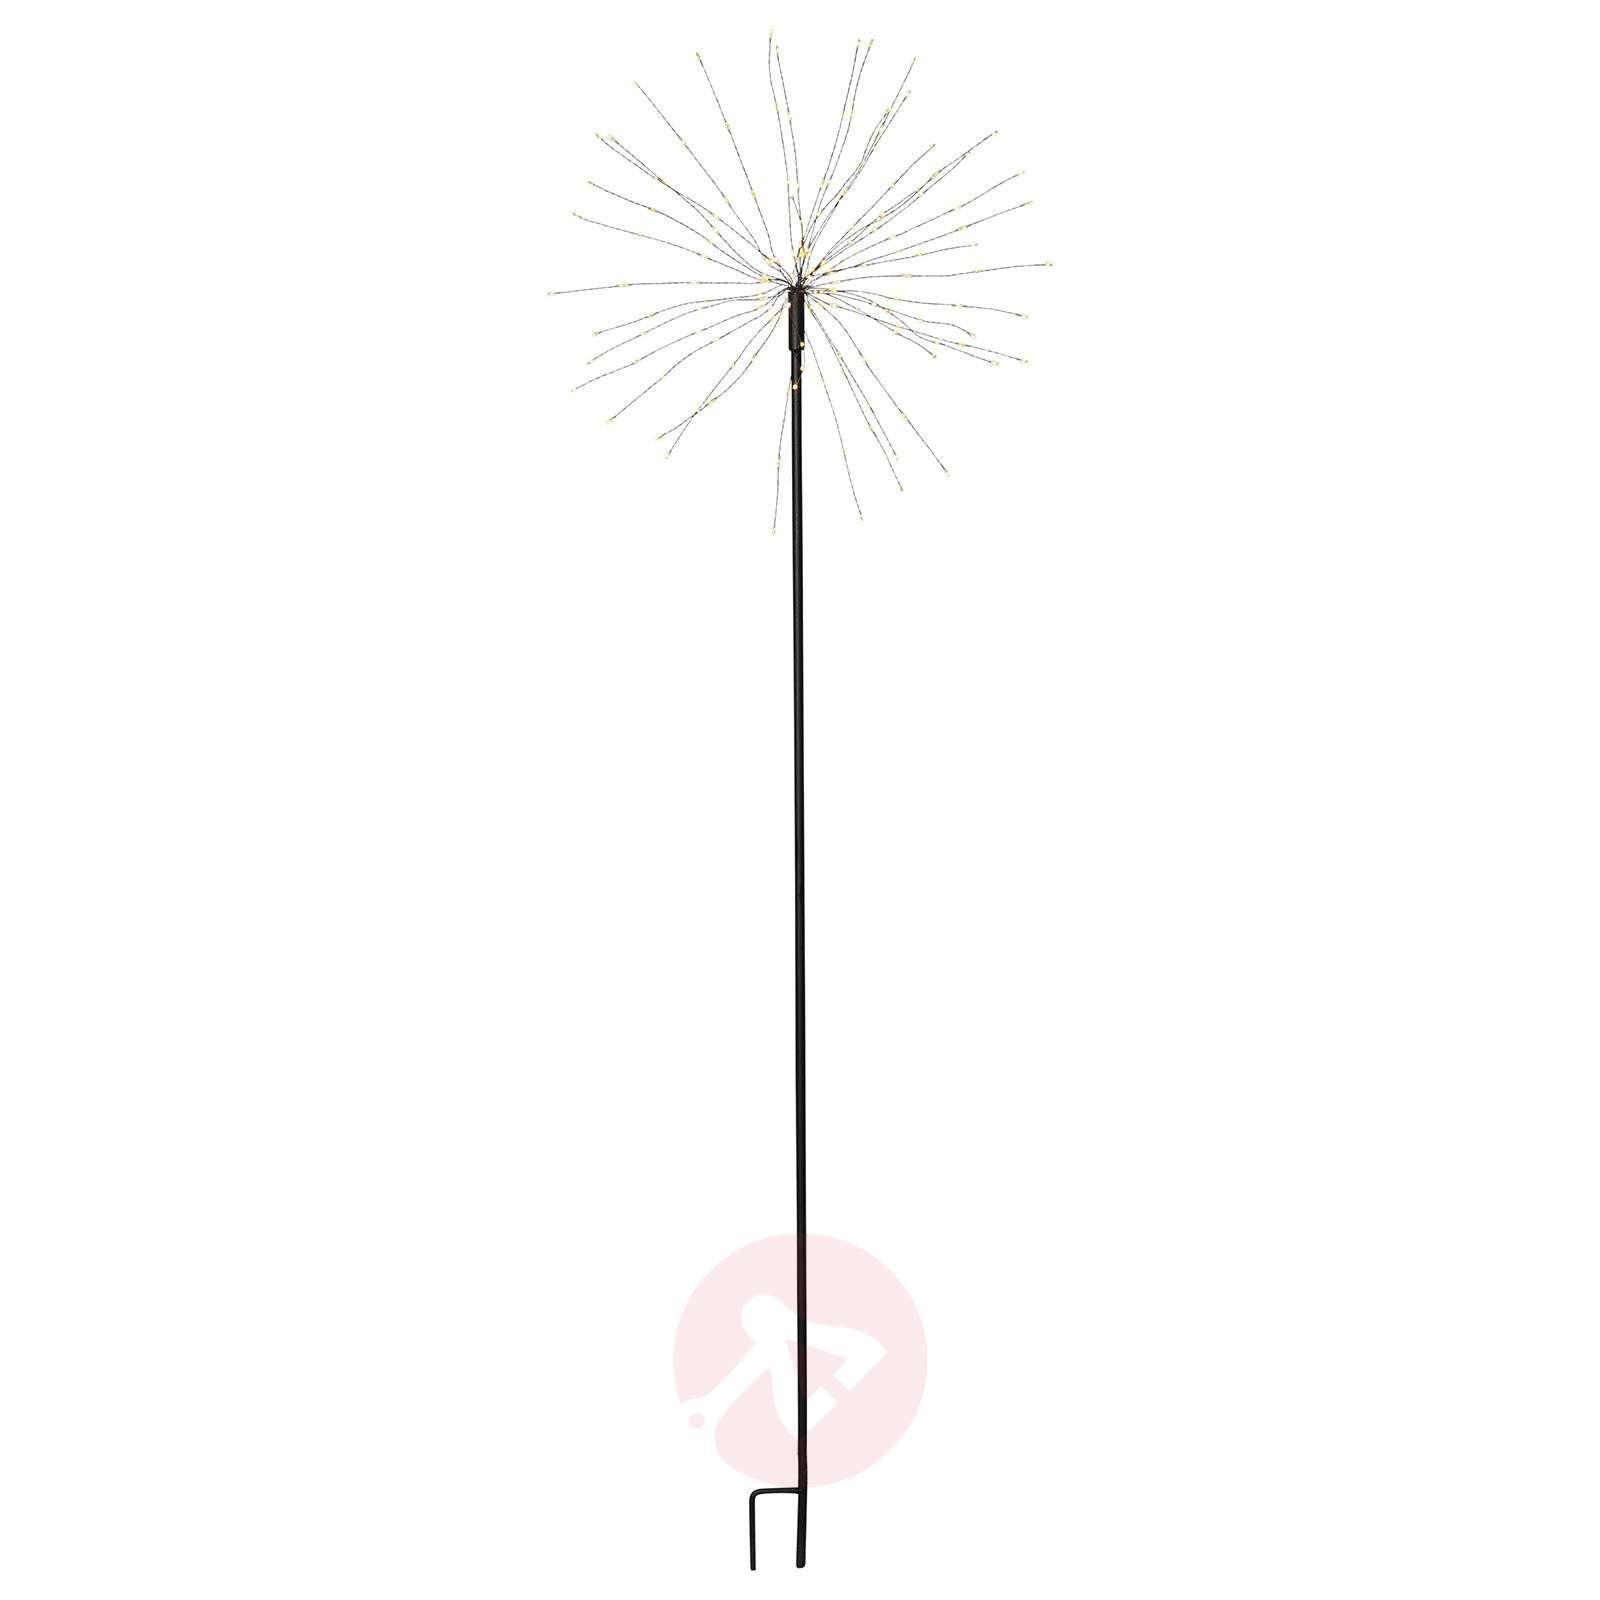 Seisova LED-tähti Firework Outdoor, lämmin valk.-1523762-01